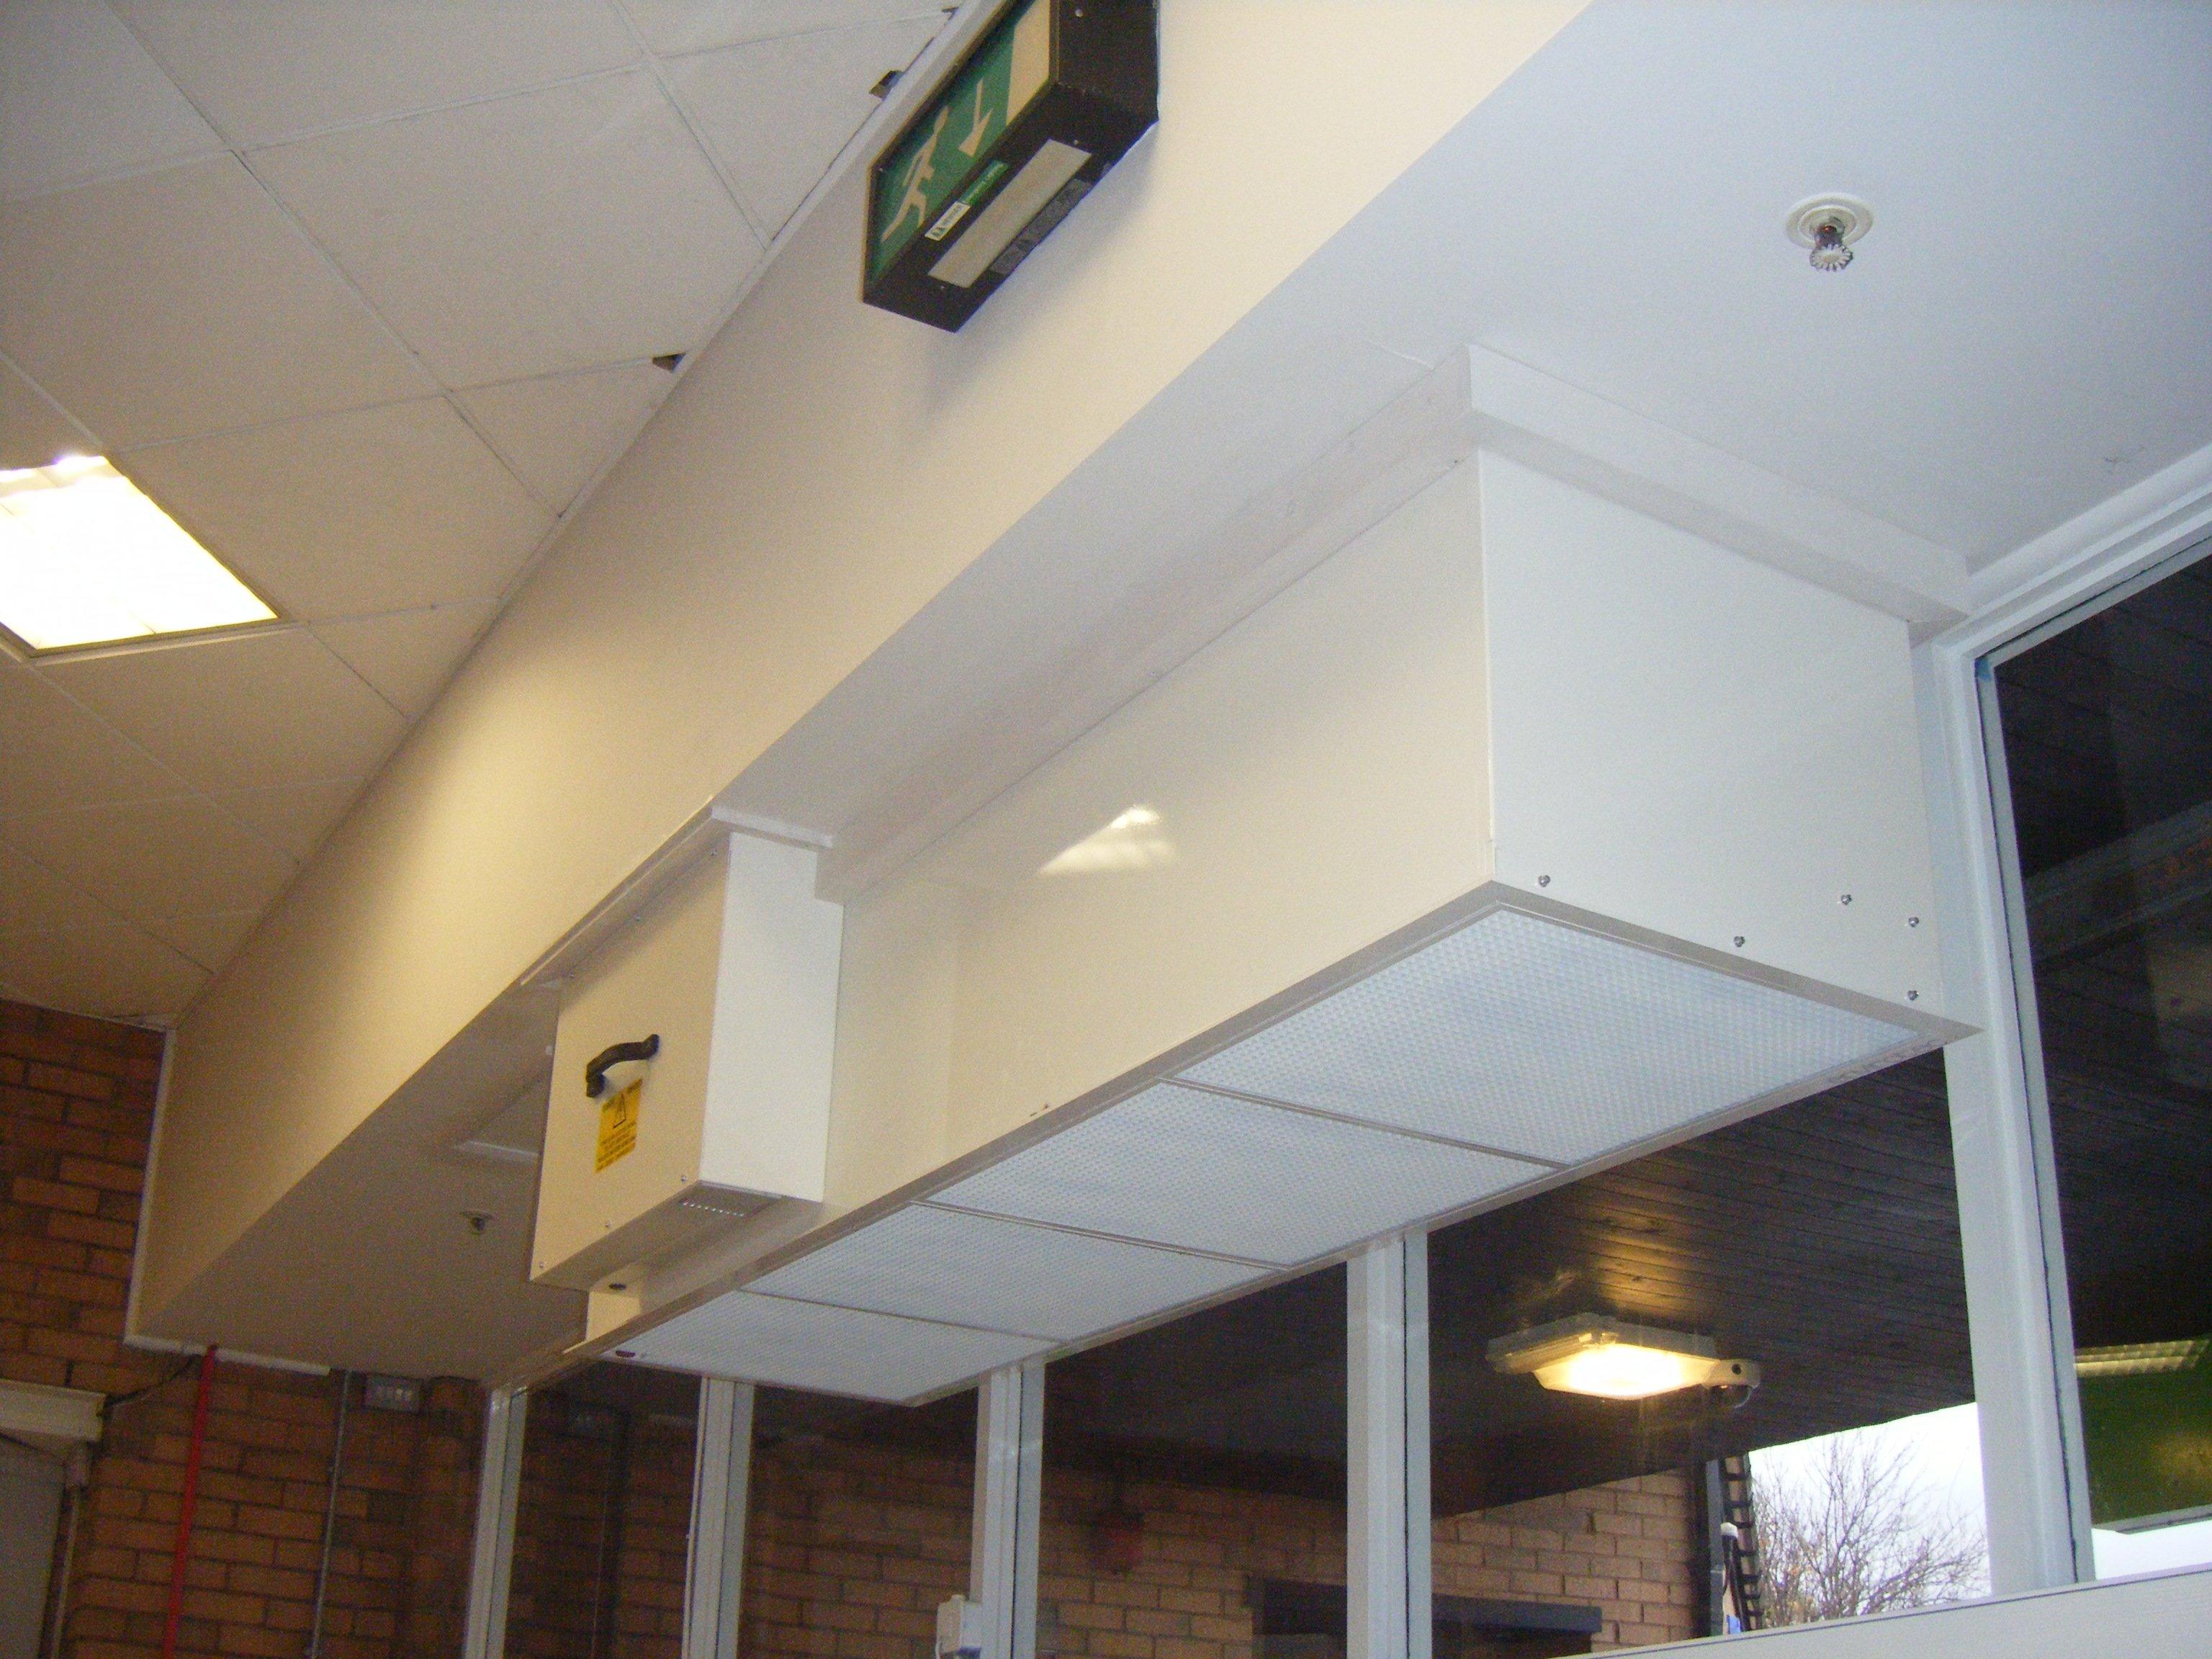 Above door heater installed in local ASDA store